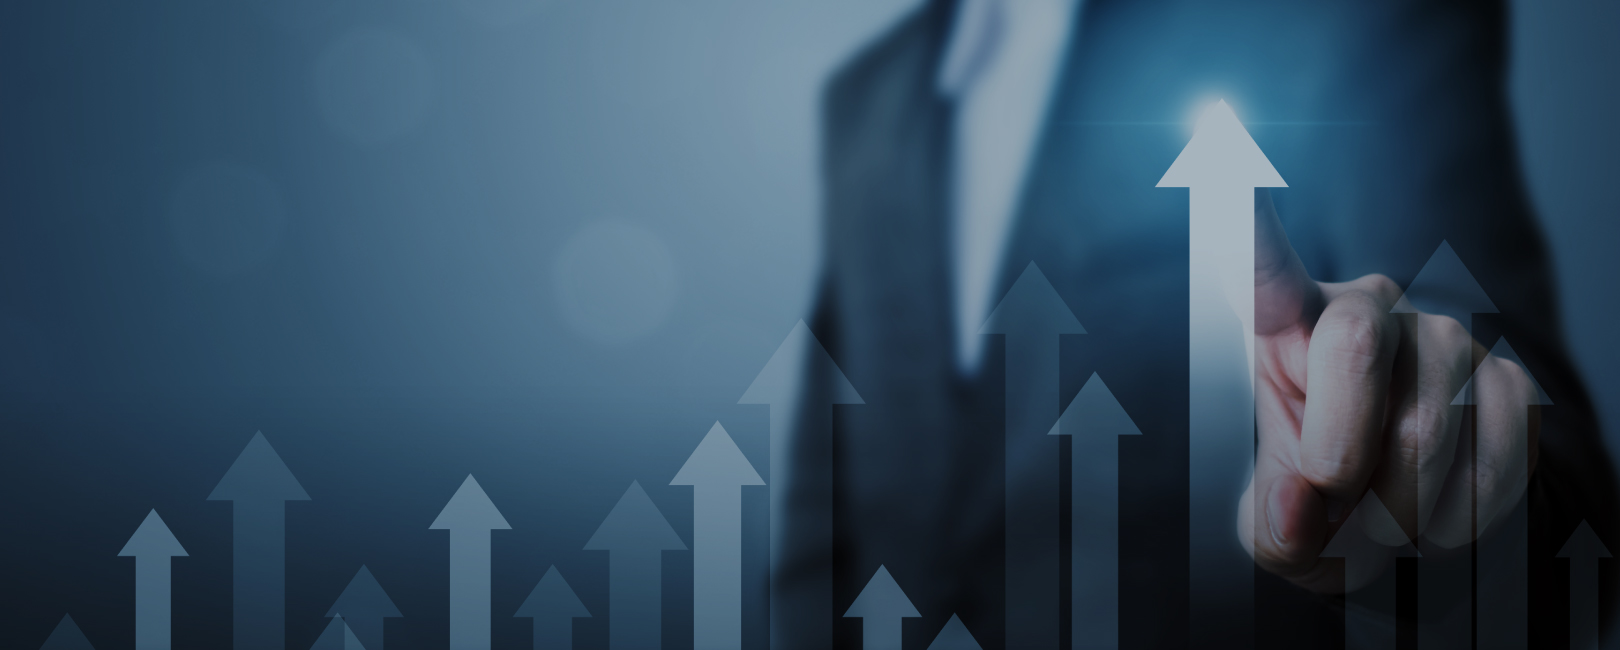 La experiencia del empleado impacta en la rentabilidad de la empresa